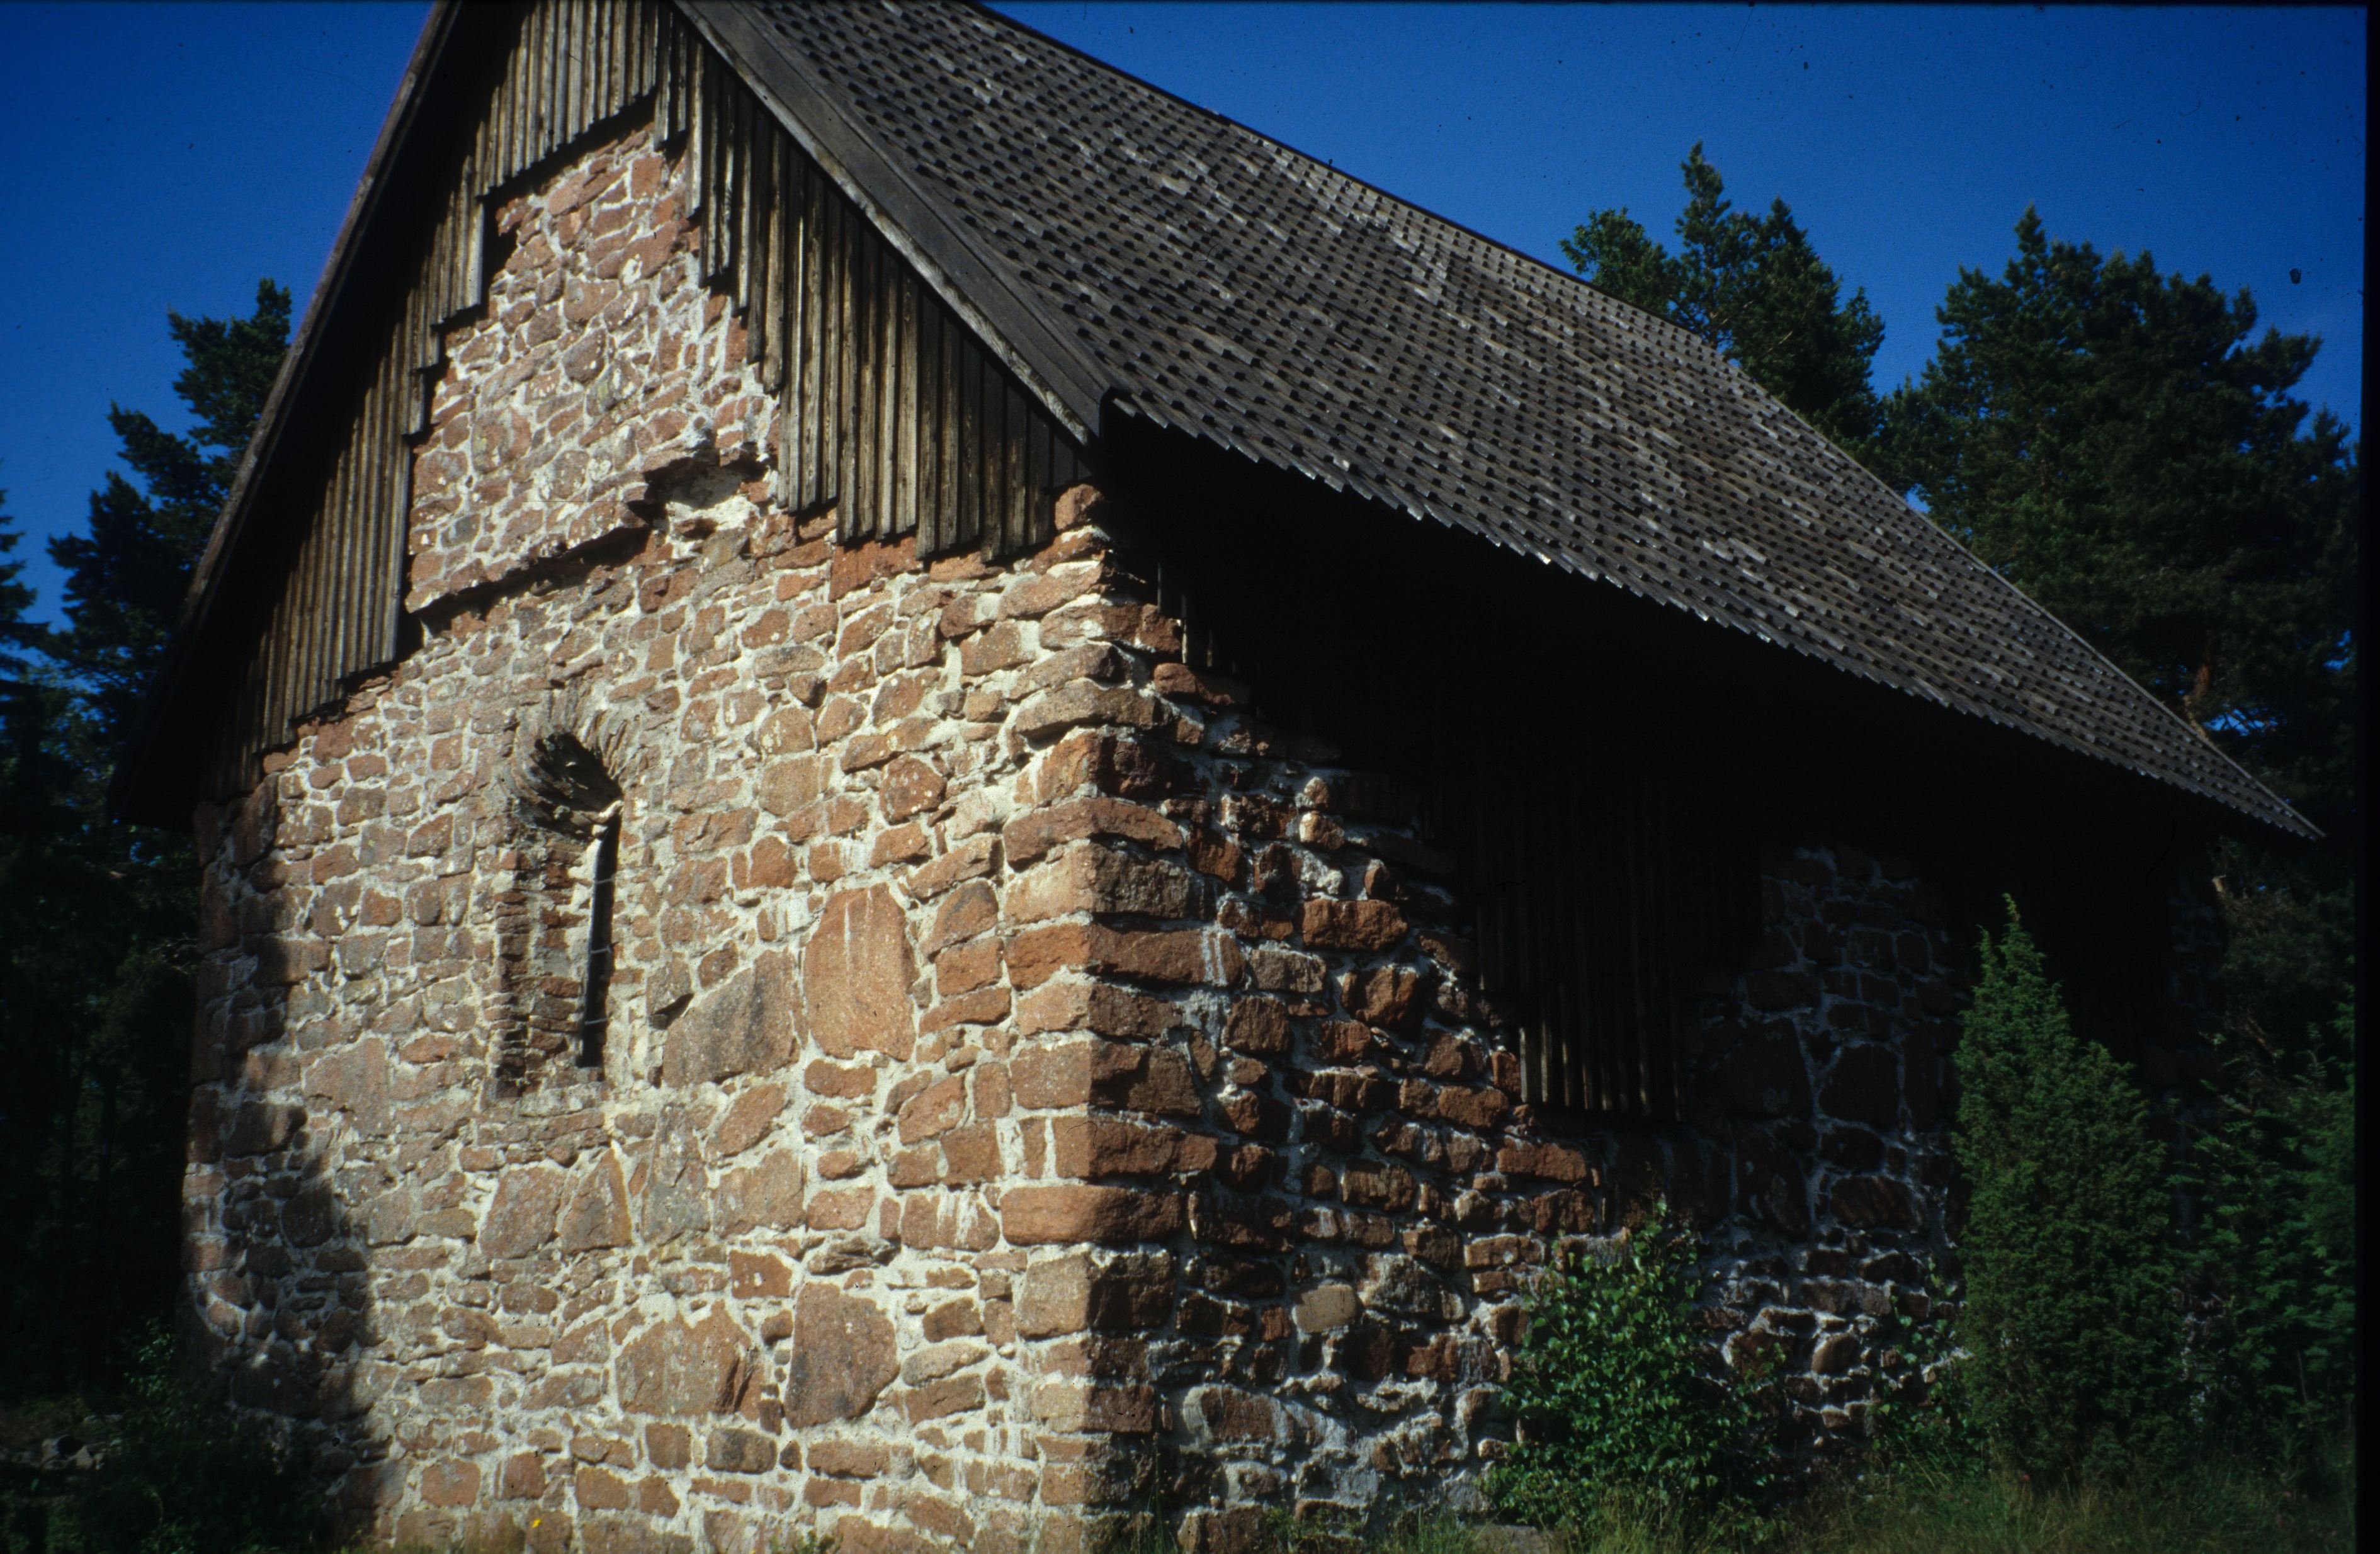 © kyrkor.ax, Lemböte kapellruin